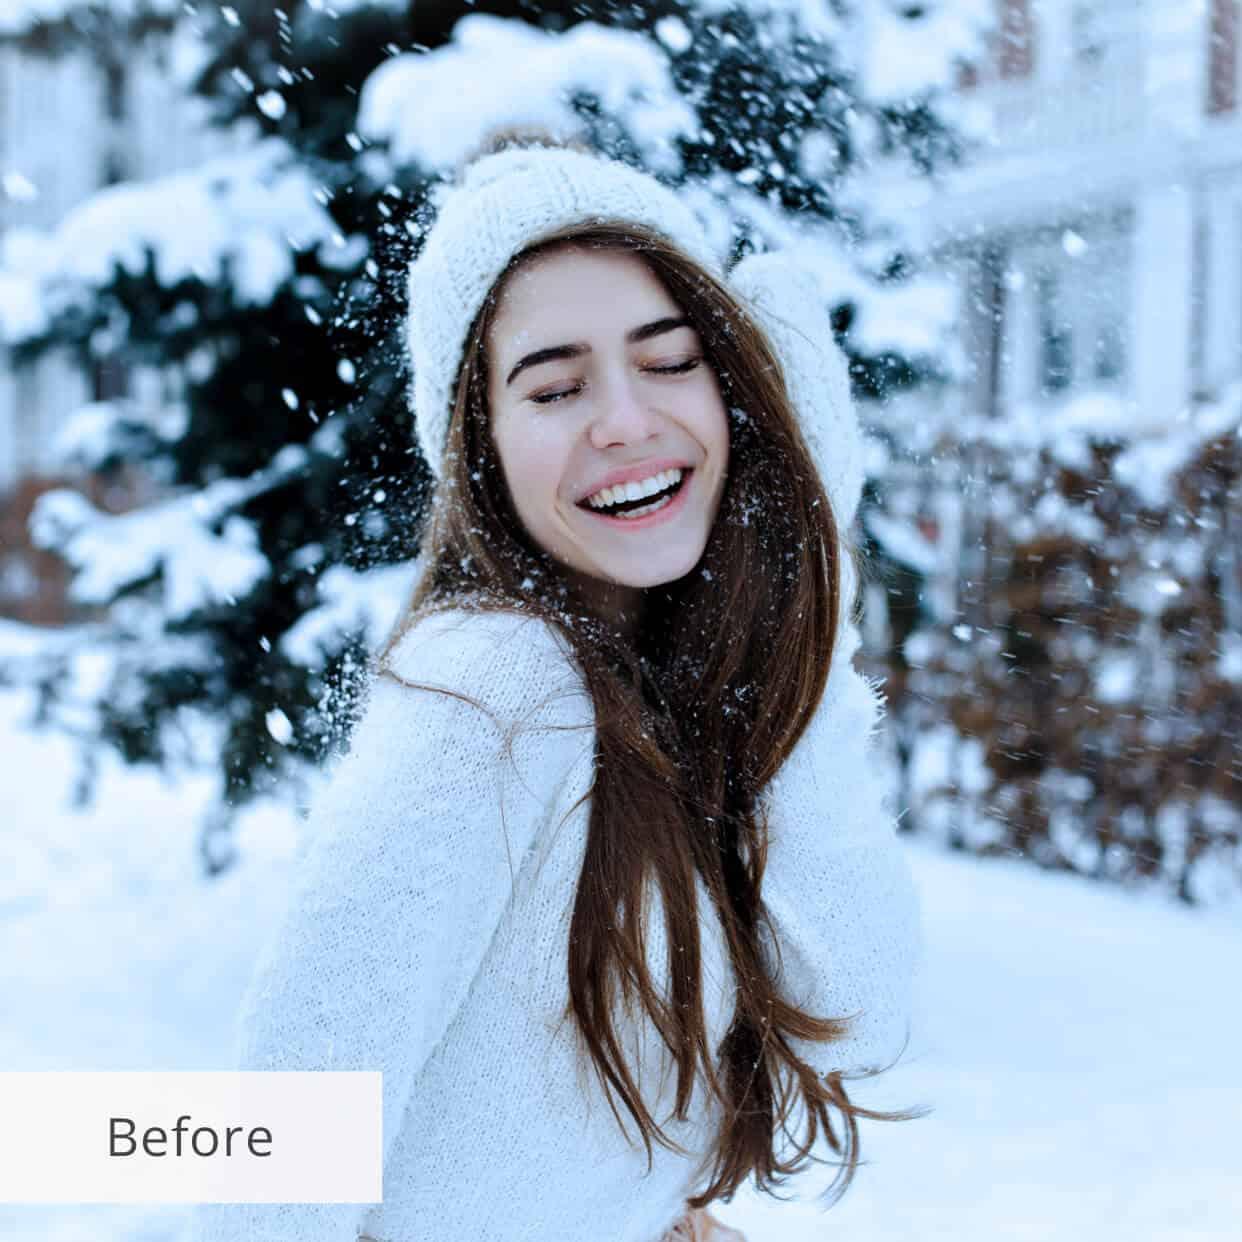 Preset Snow Wind for lightroom